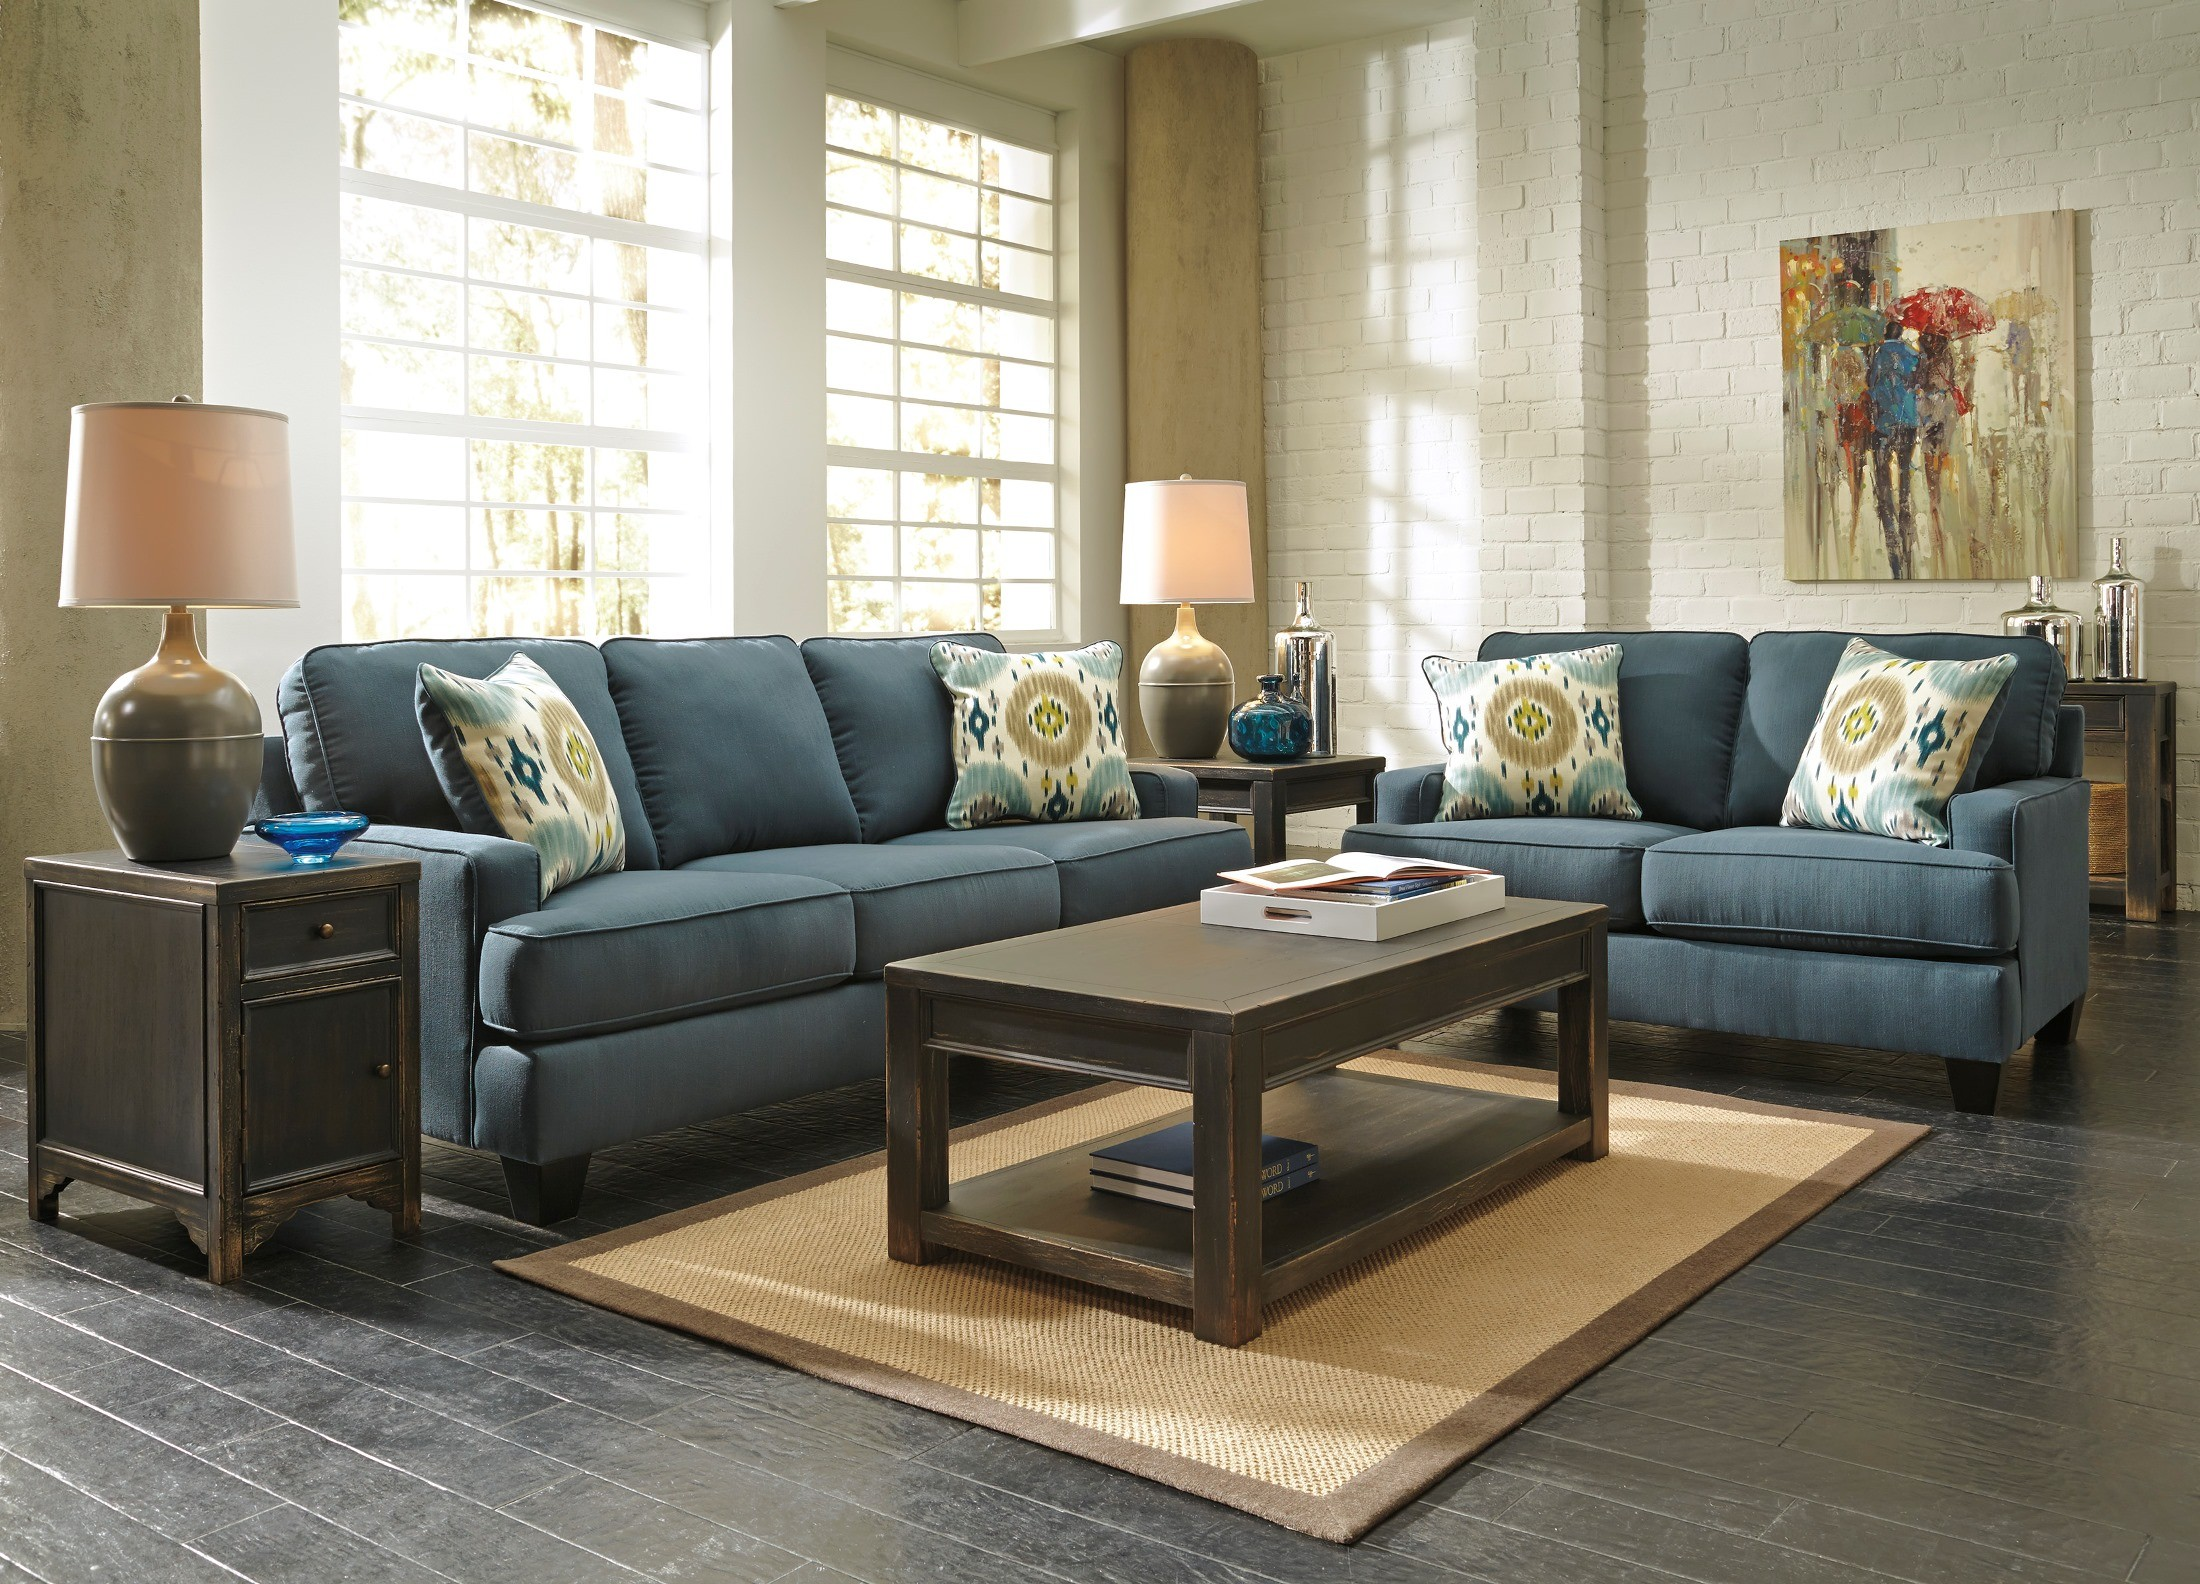 Brileigh Teal Queen Sofa Sleeper 9660139 Ashley Furniture